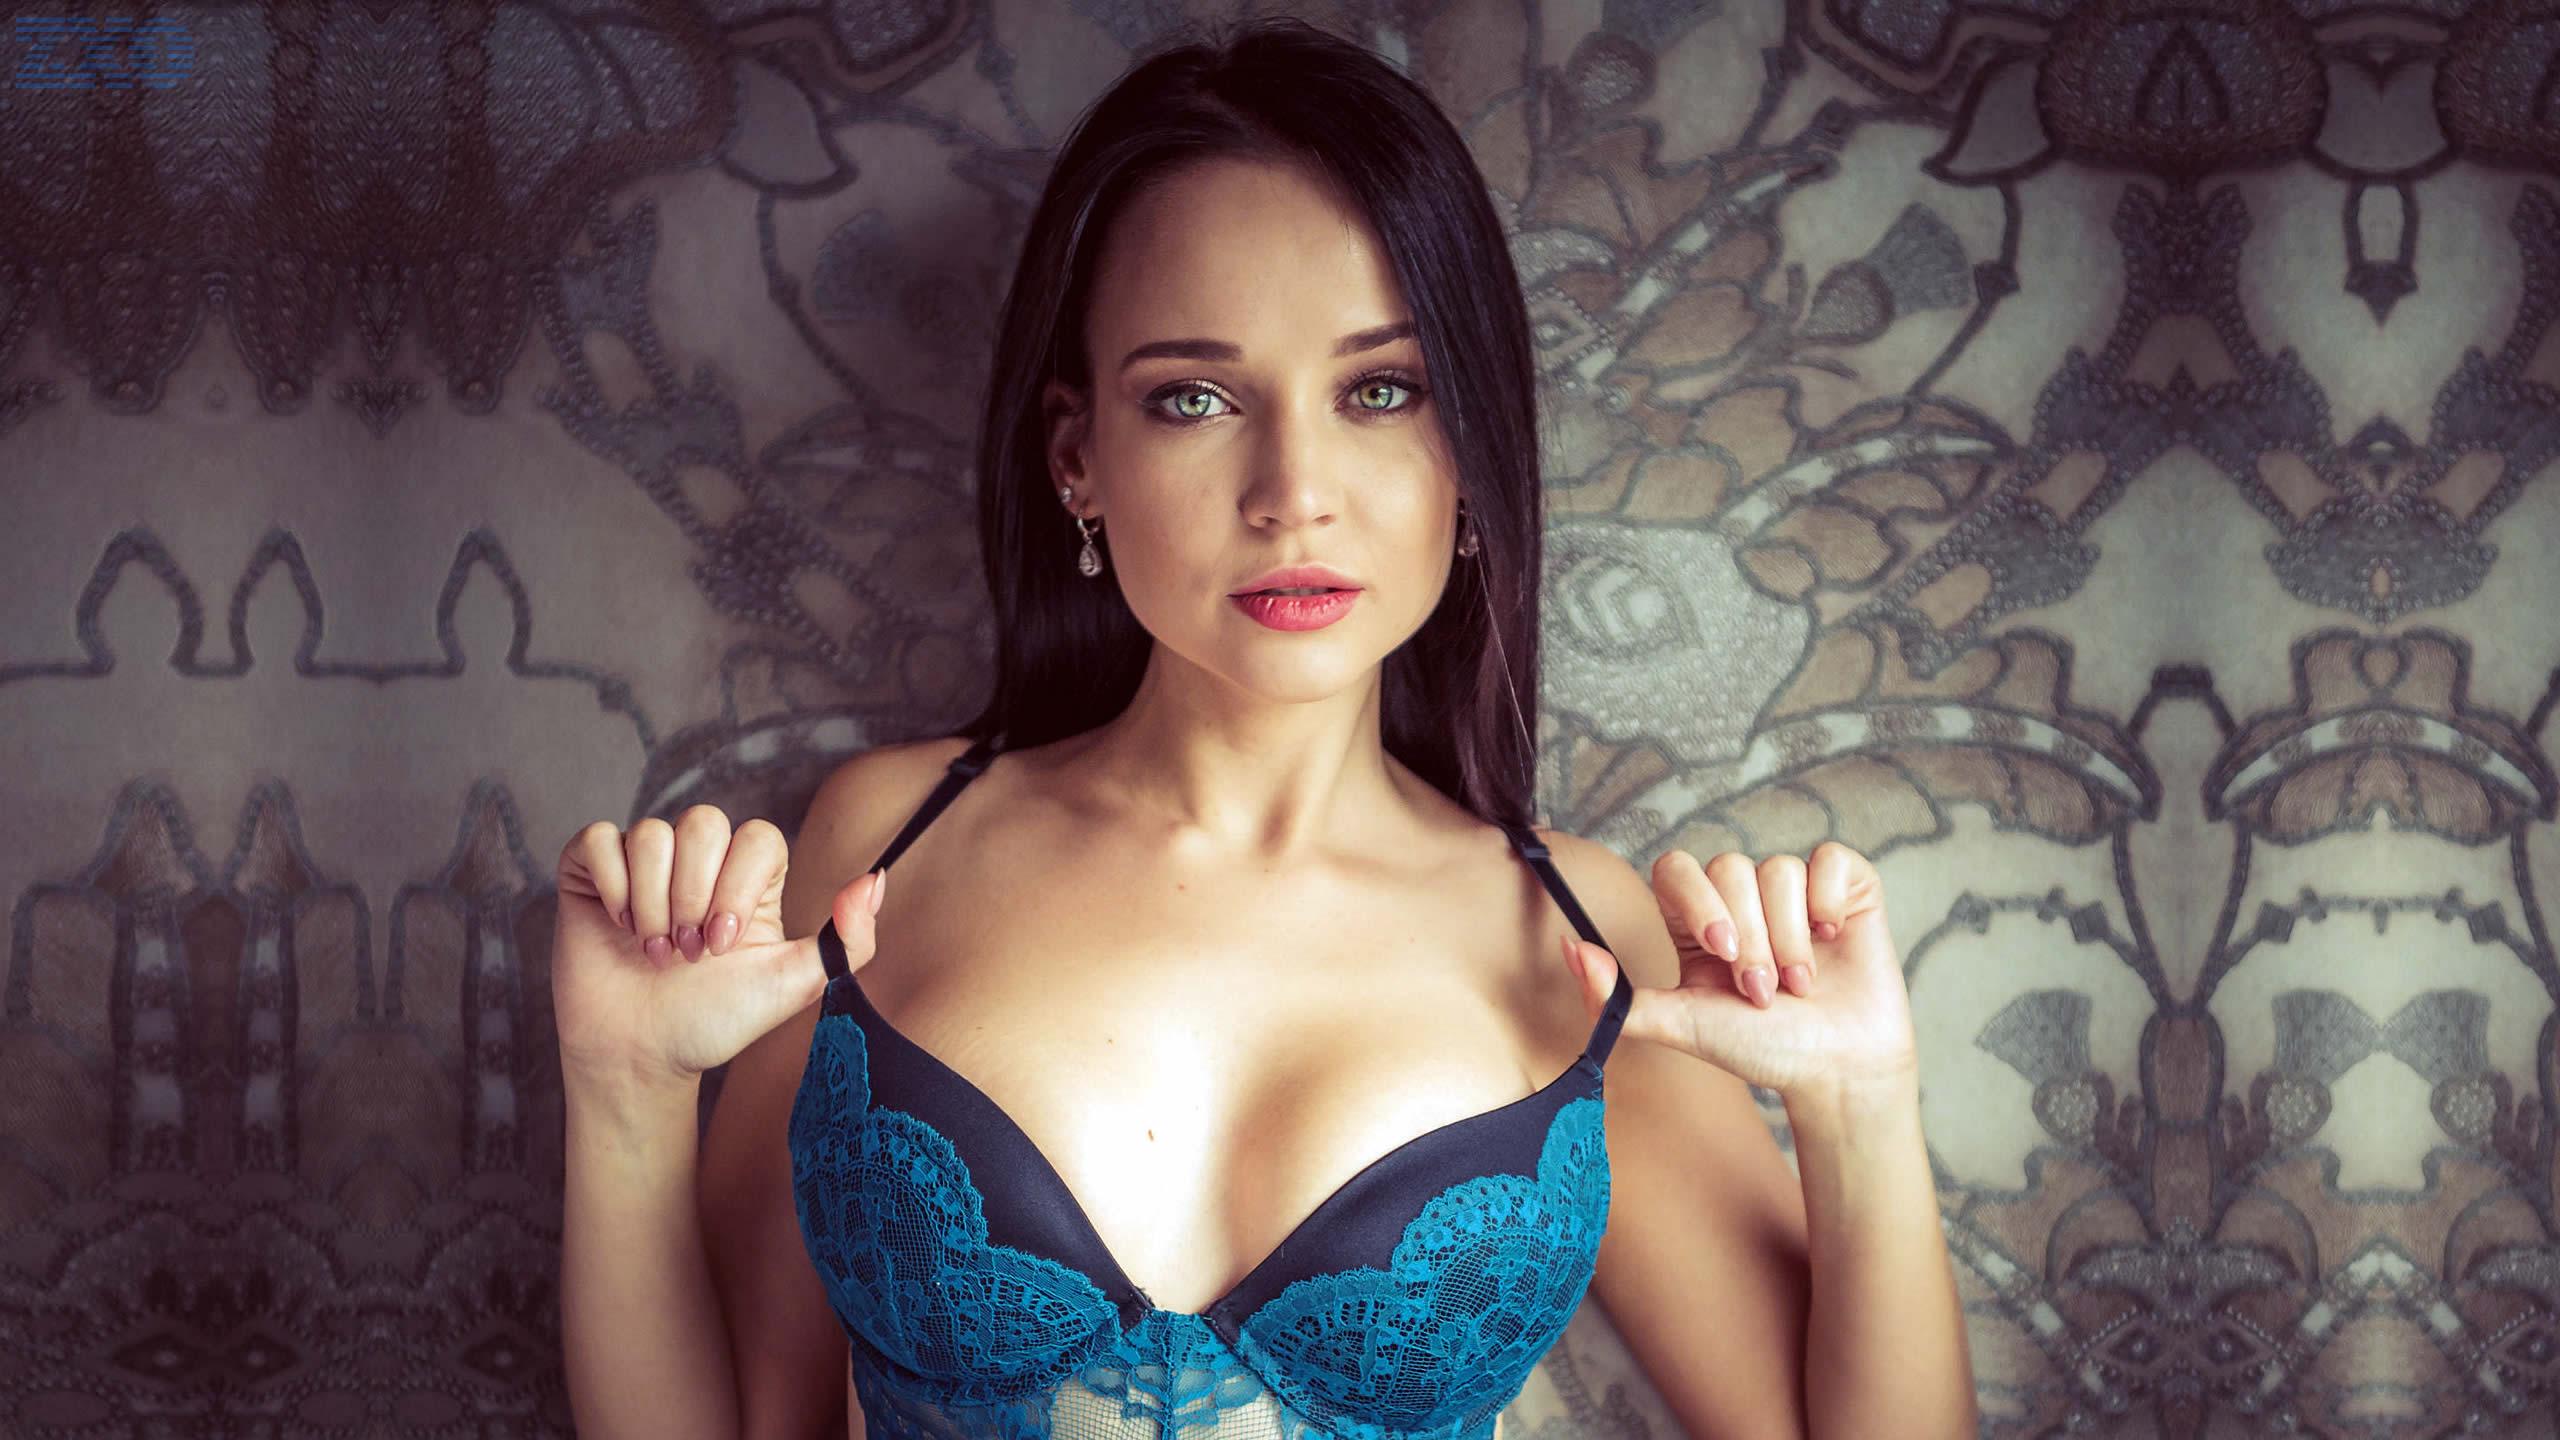 Sexy models hd wallpaper